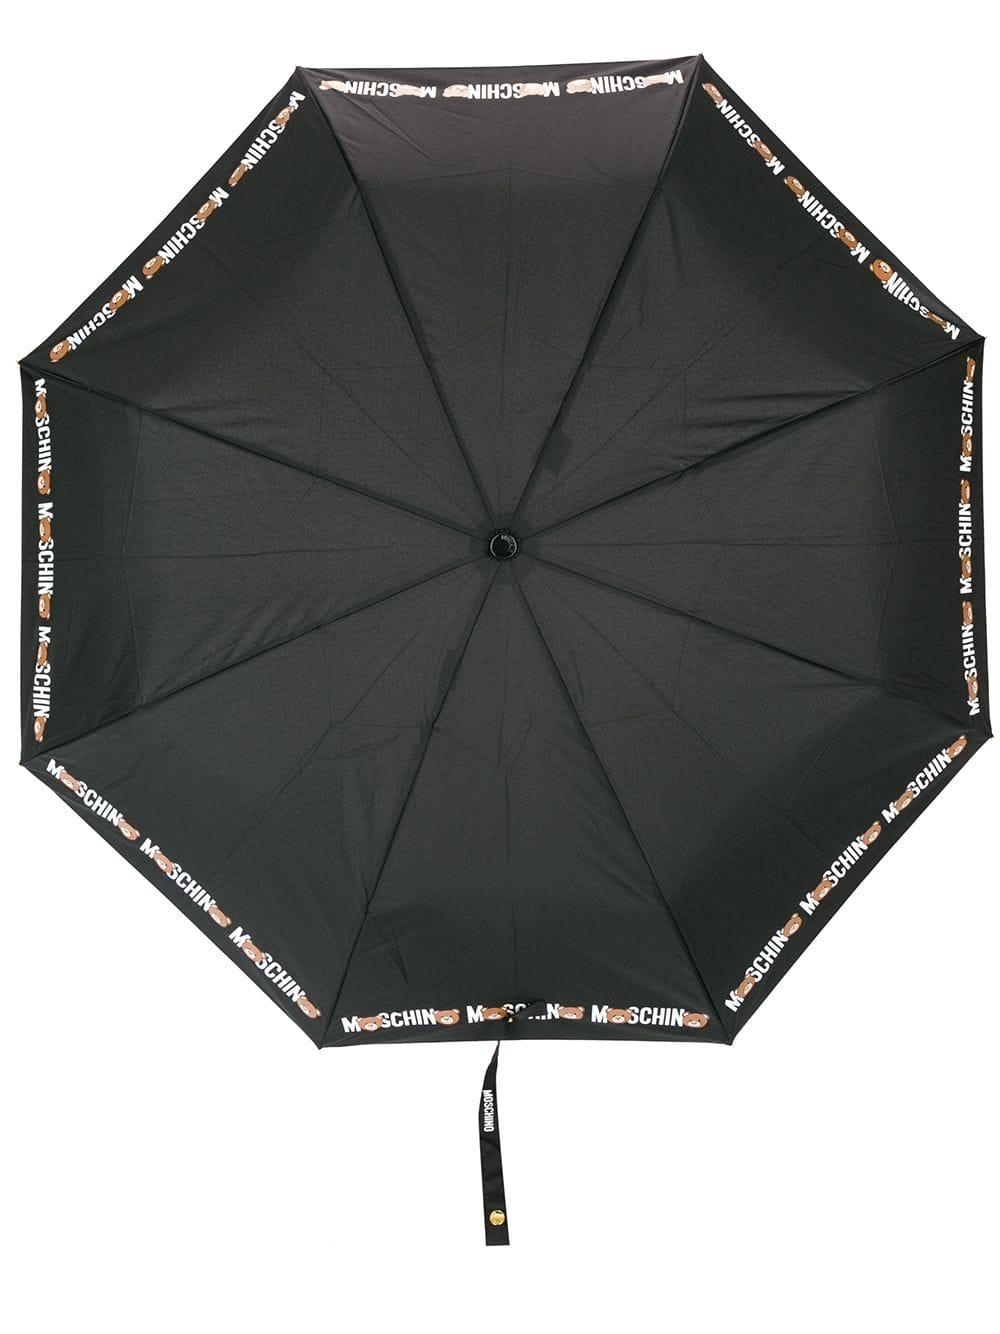 Moschino Regenschirm mit Teddybären-Print - Schwarz